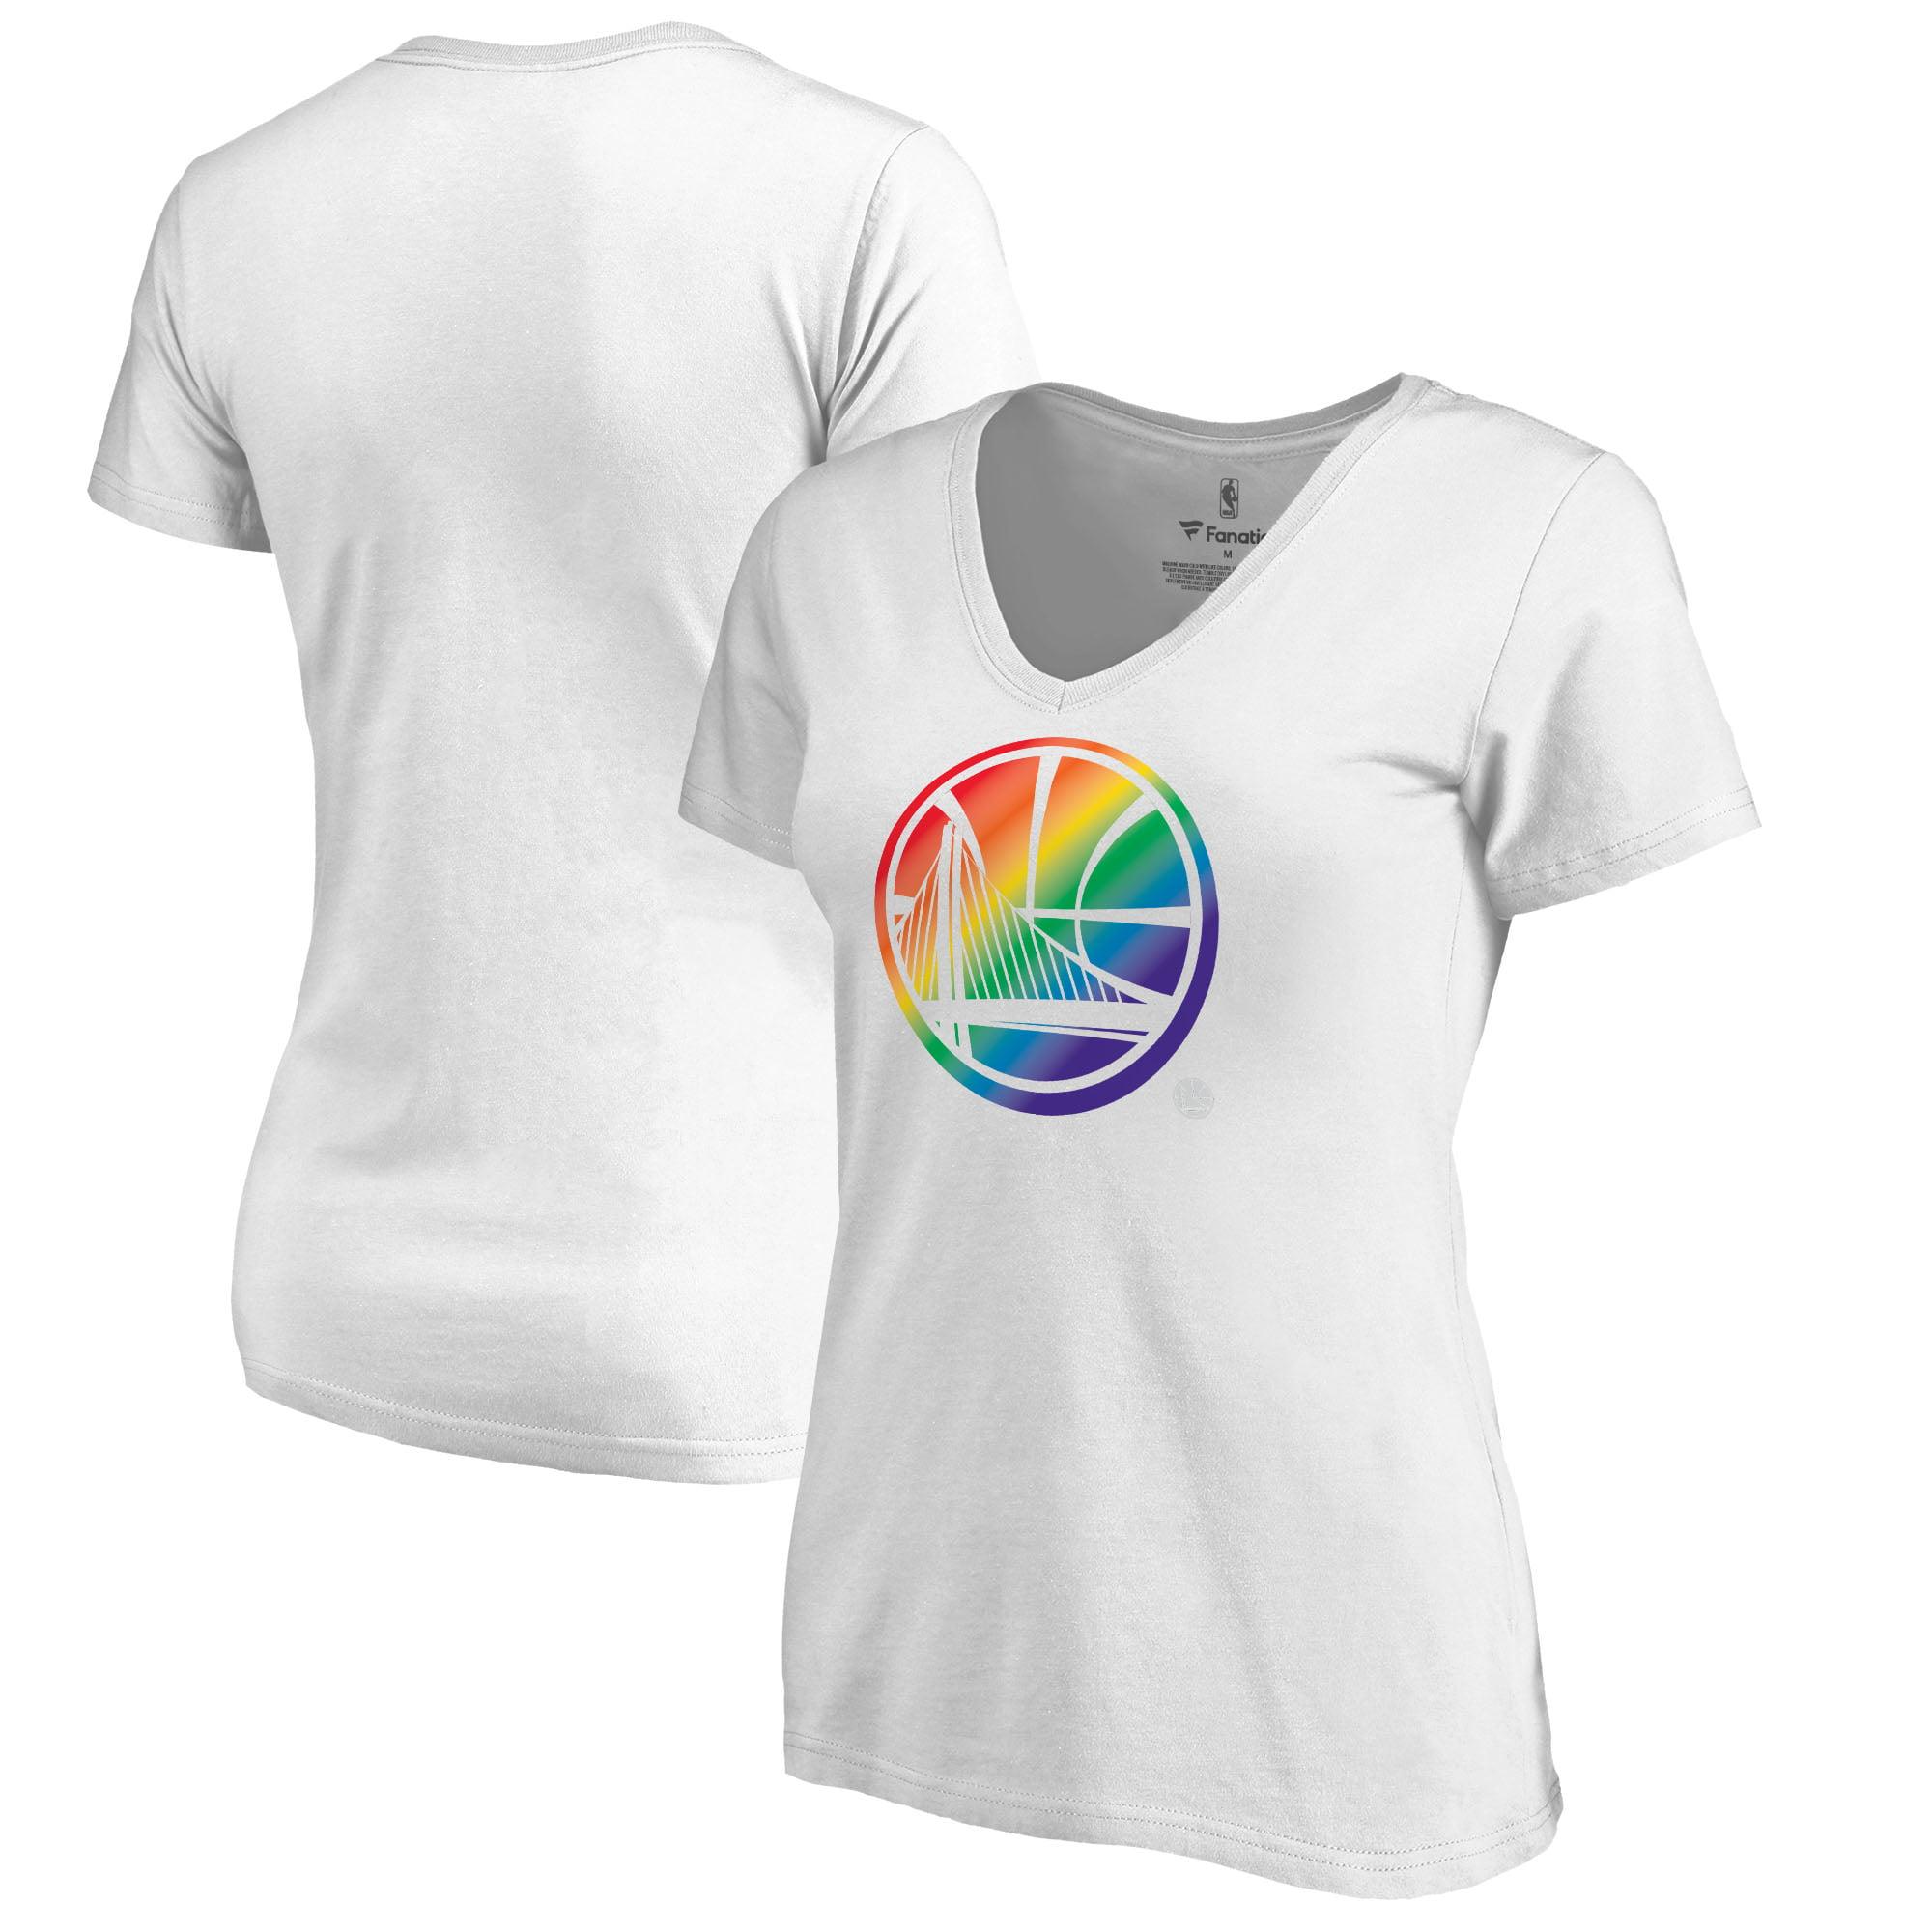 Golden State Warriors Fanatics Branded Women's Team Pride V-Neck T-Shirt - White